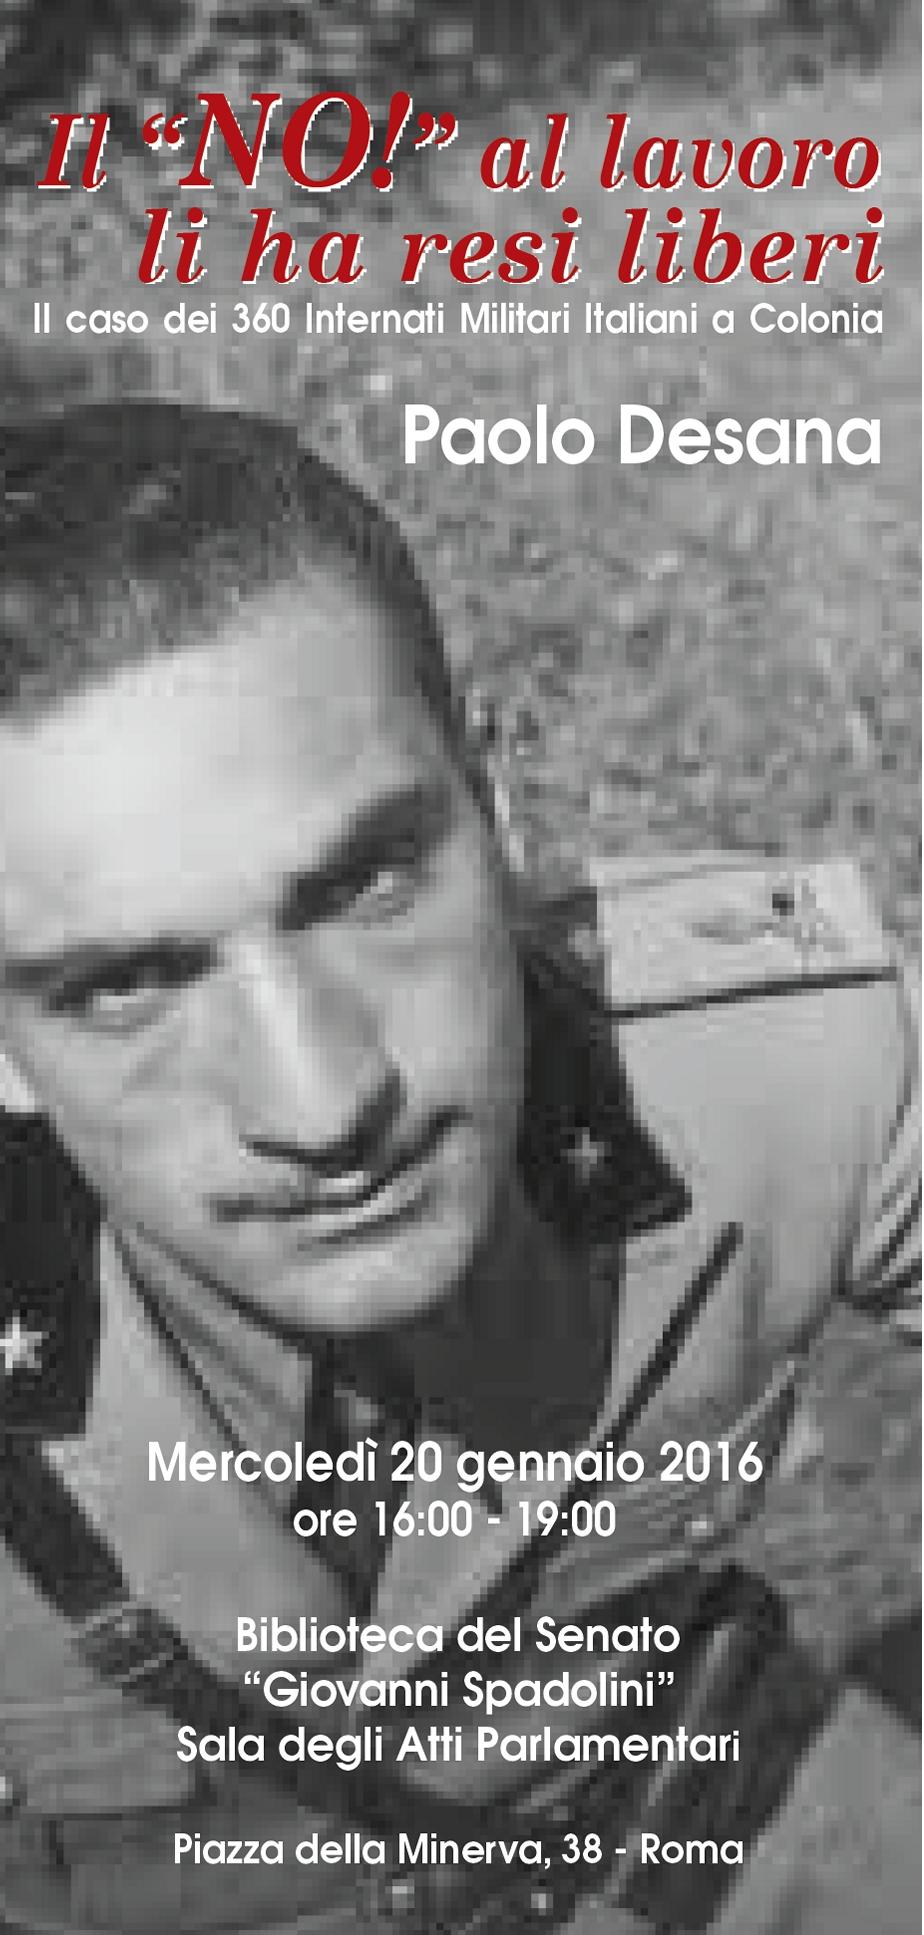 Il caso dei 360 internati militari italiani a colonia anrp for I parlamentari italiani